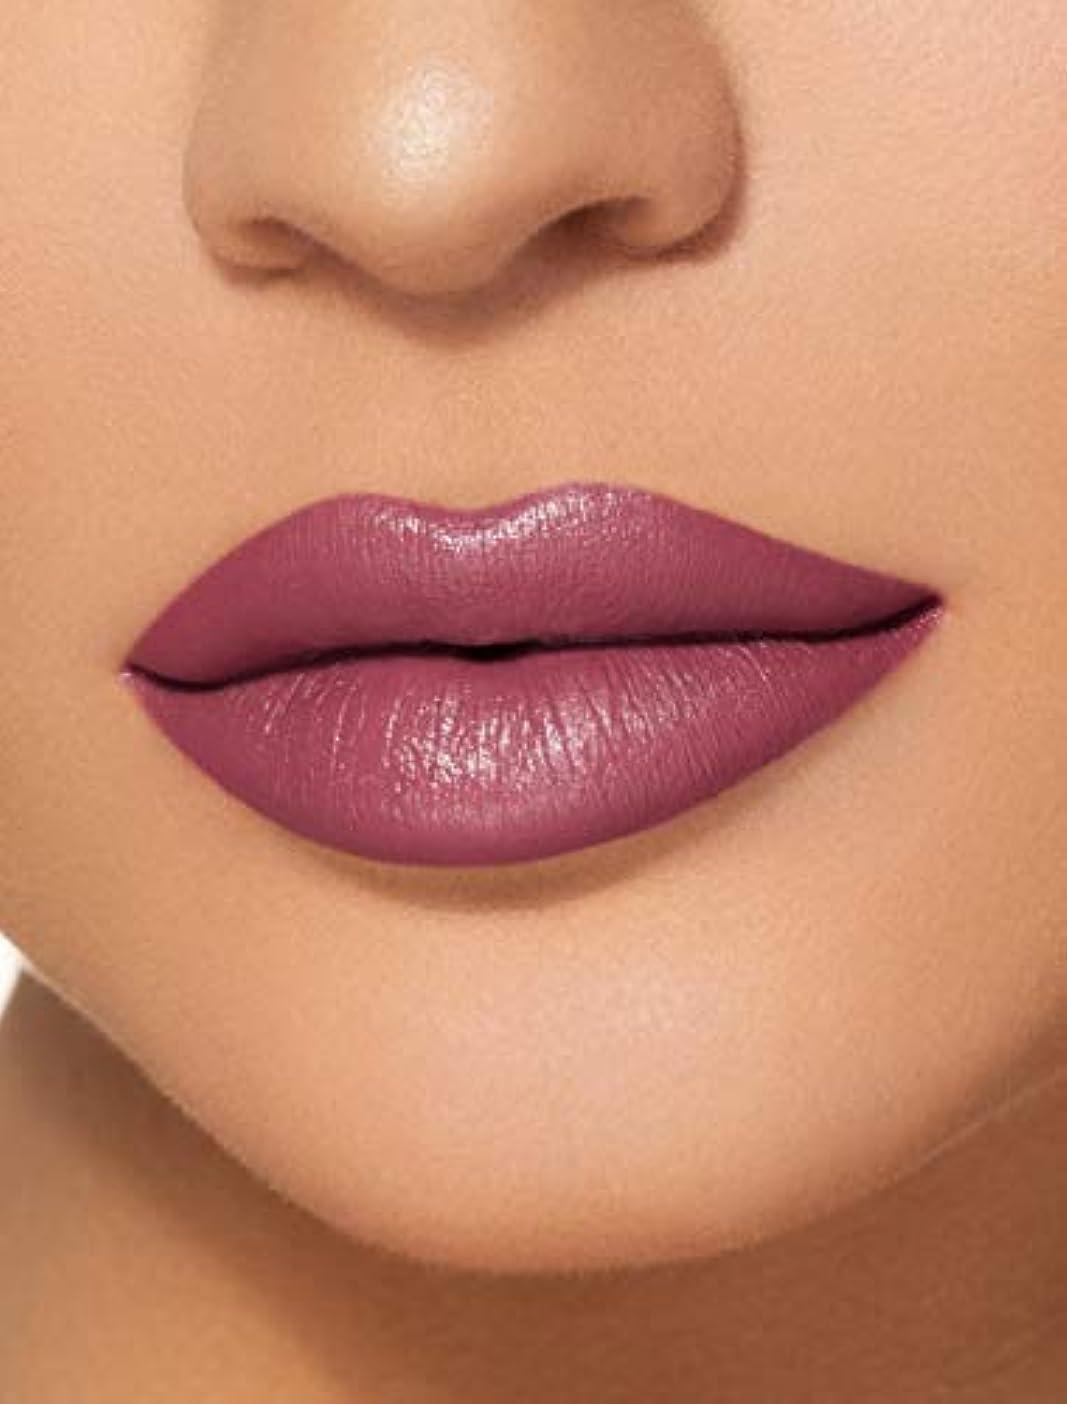 宗教政治家のスムーズにKYLIE COSMETICS Velvet Liquid Lipstick (Boy Bye Velvet)